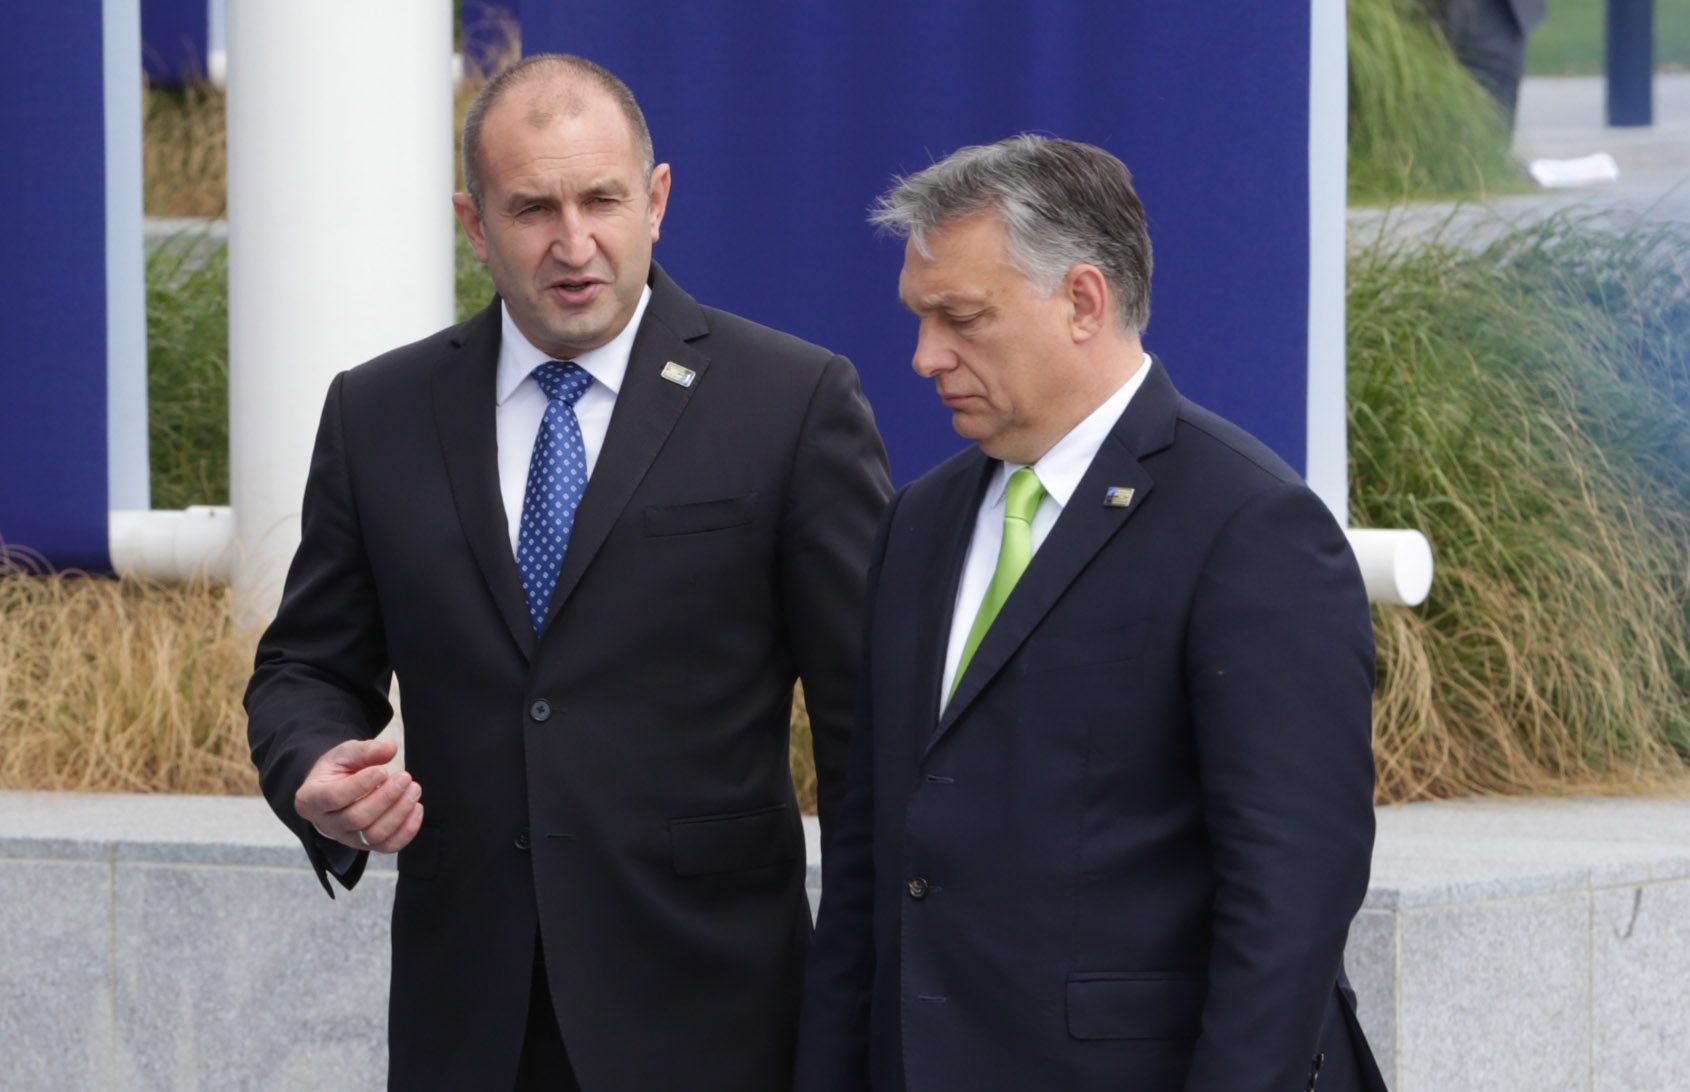 Румен Радев: Оказа се, че България има две позиции за Унгария - едната за у нас, другата за пред ЕС